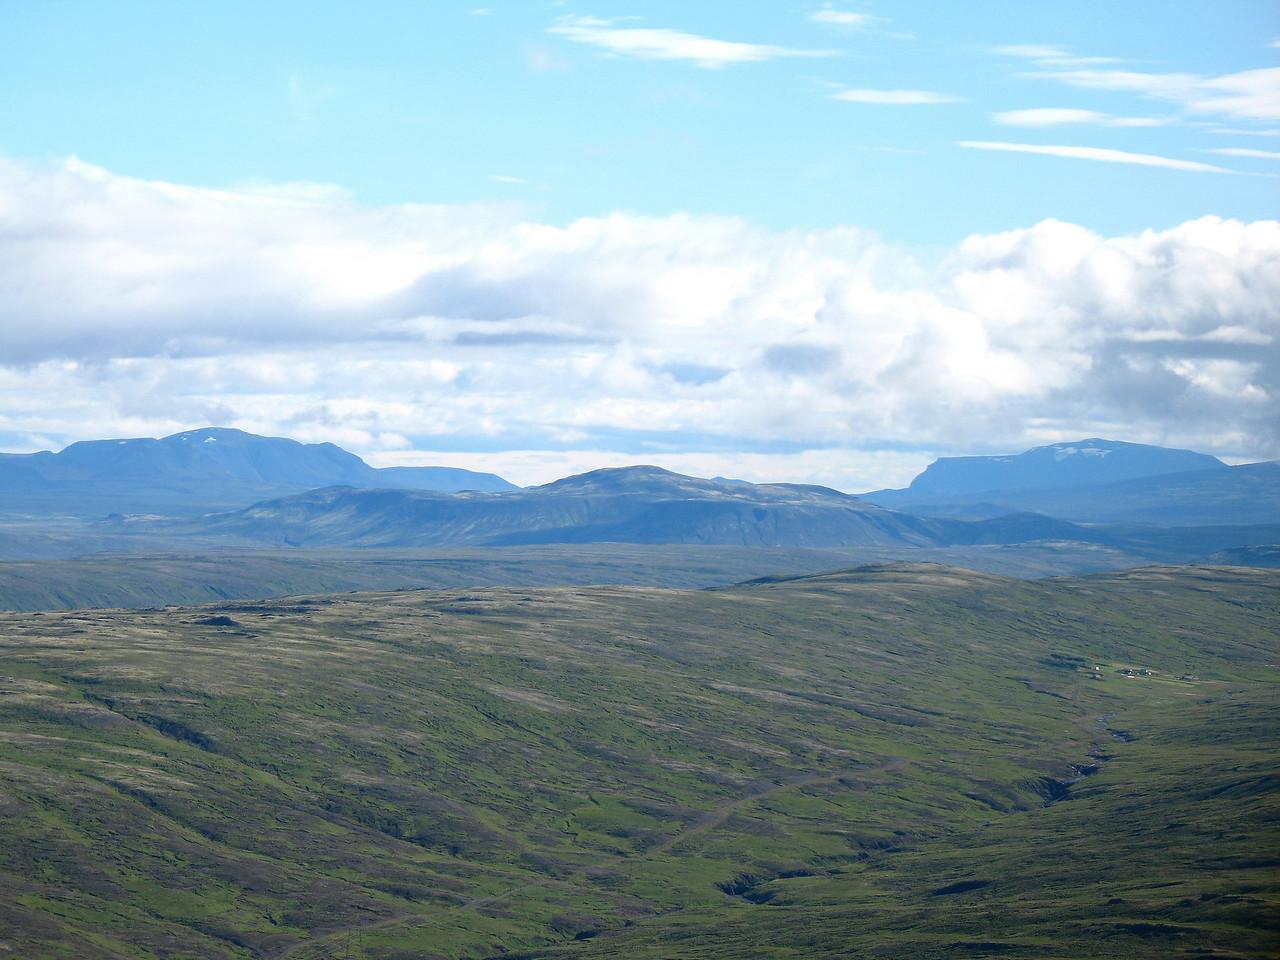 Horft inn á Kaldadal. Lengst til vinstri er Stóra-Björnsfell, þá Þverfell, Hlöðufell gægist yfir Skjaldbreið.